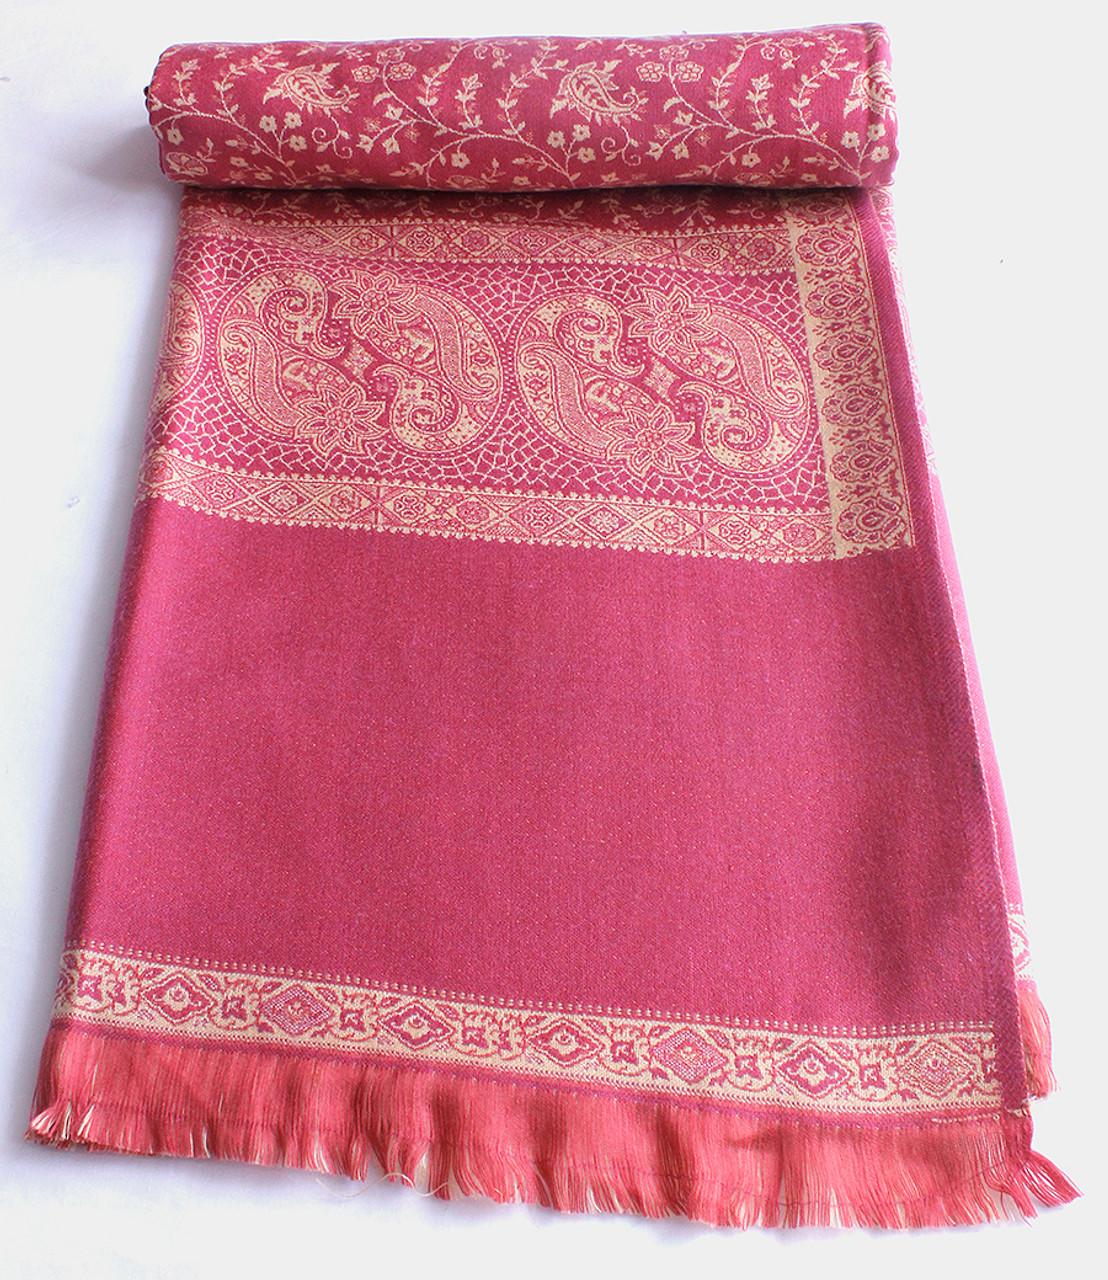 Himalyan Indian shawl